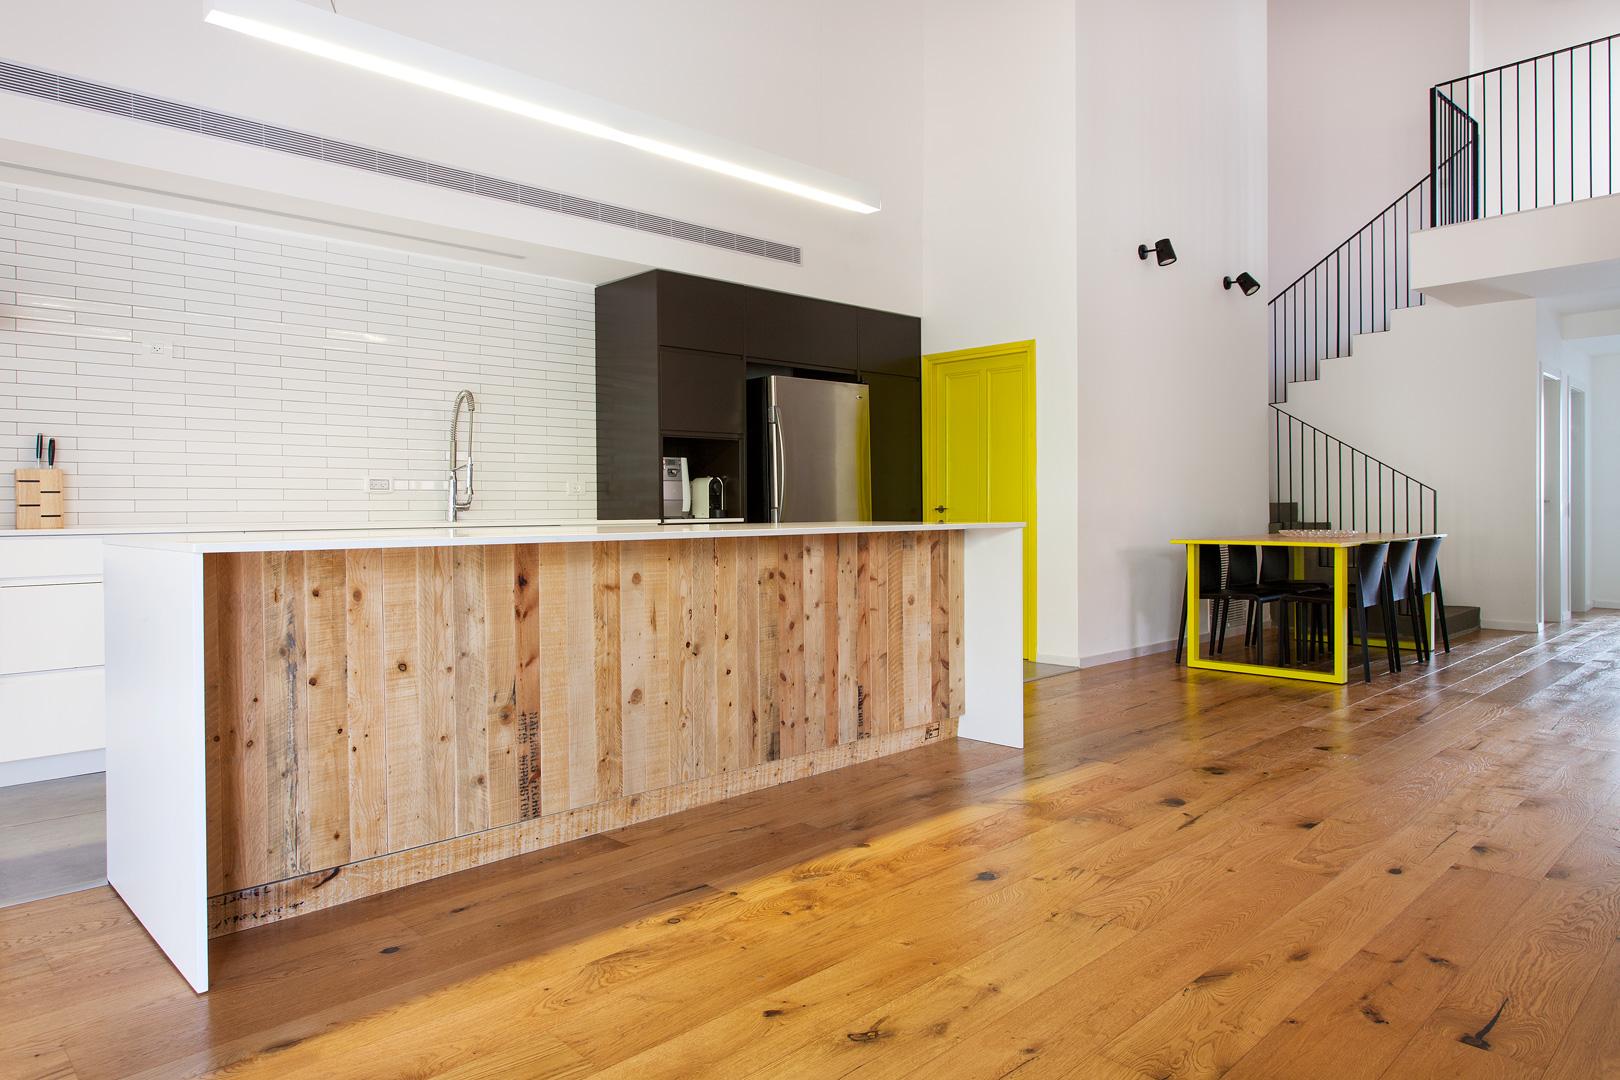 מטבח מודרני בחיפוי עץ משטחים